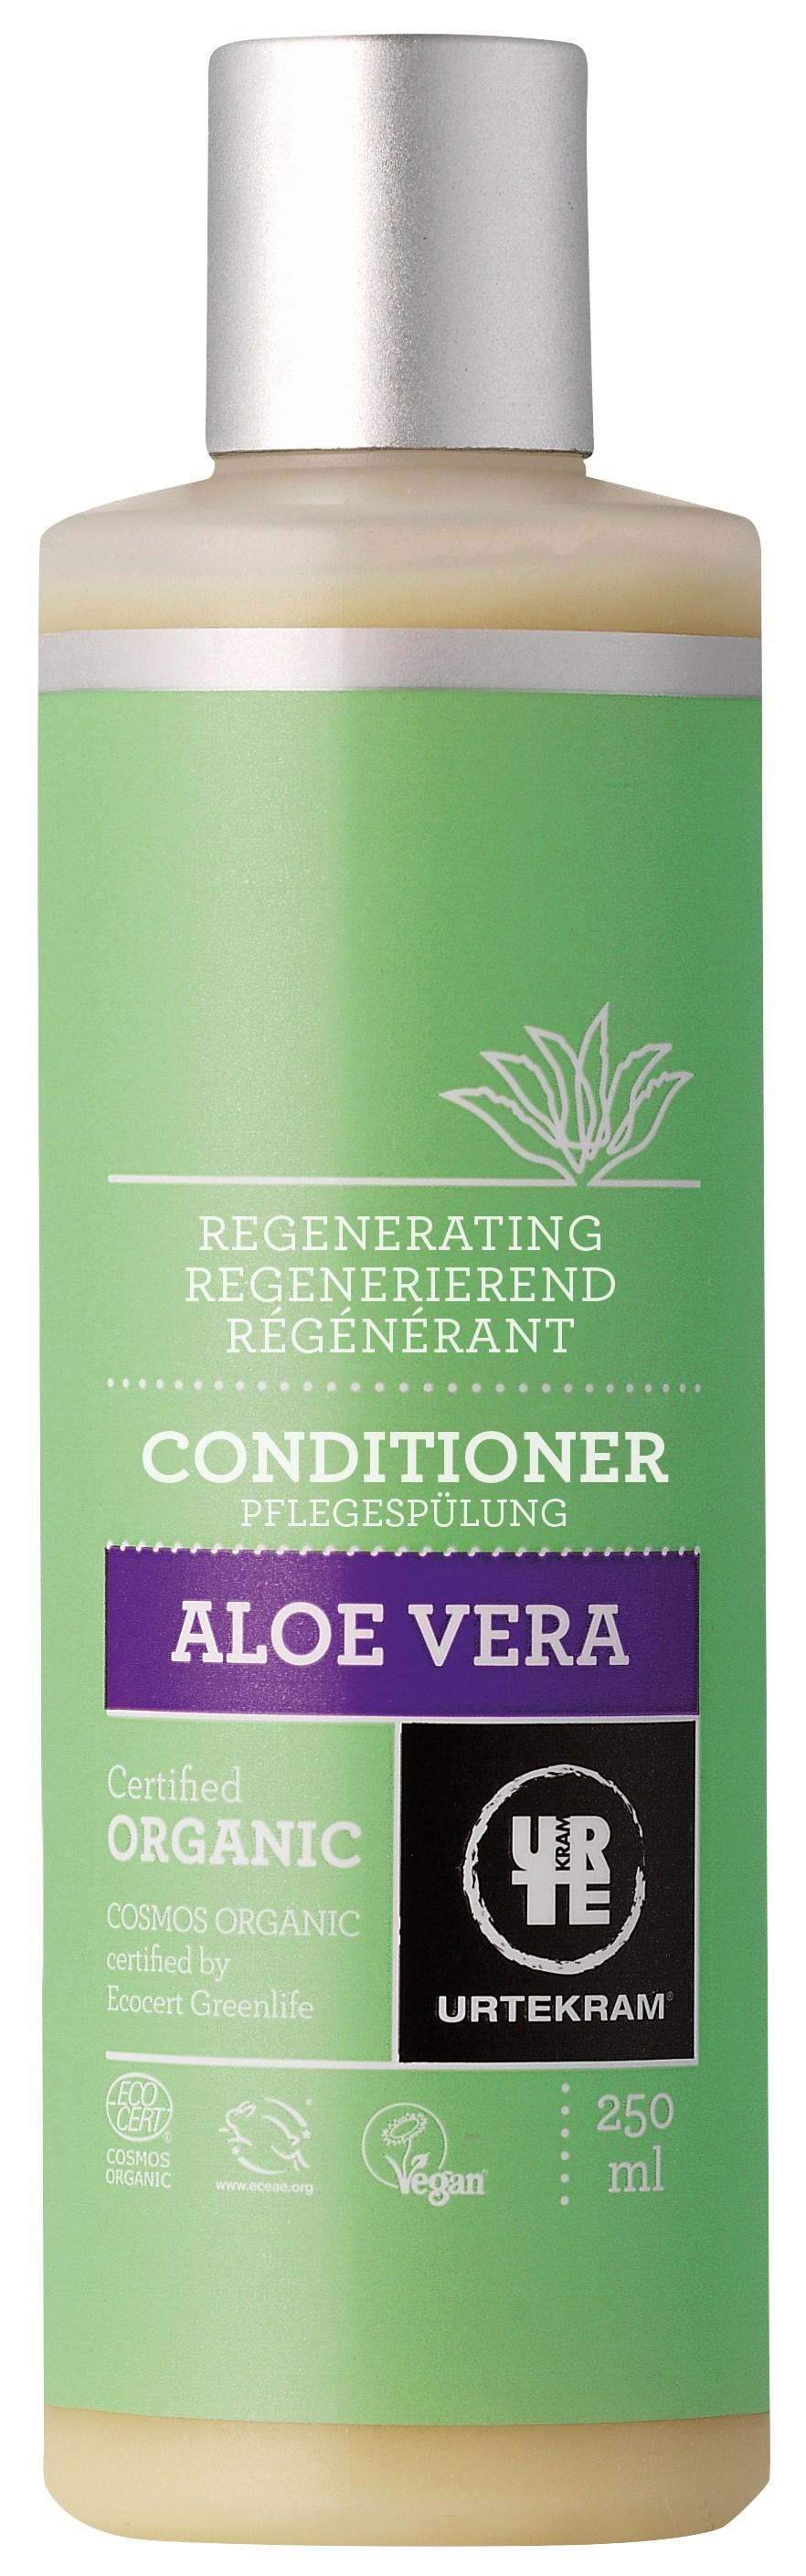 Urtekram Aloe Vera Balsam Regenererende - 250 ml